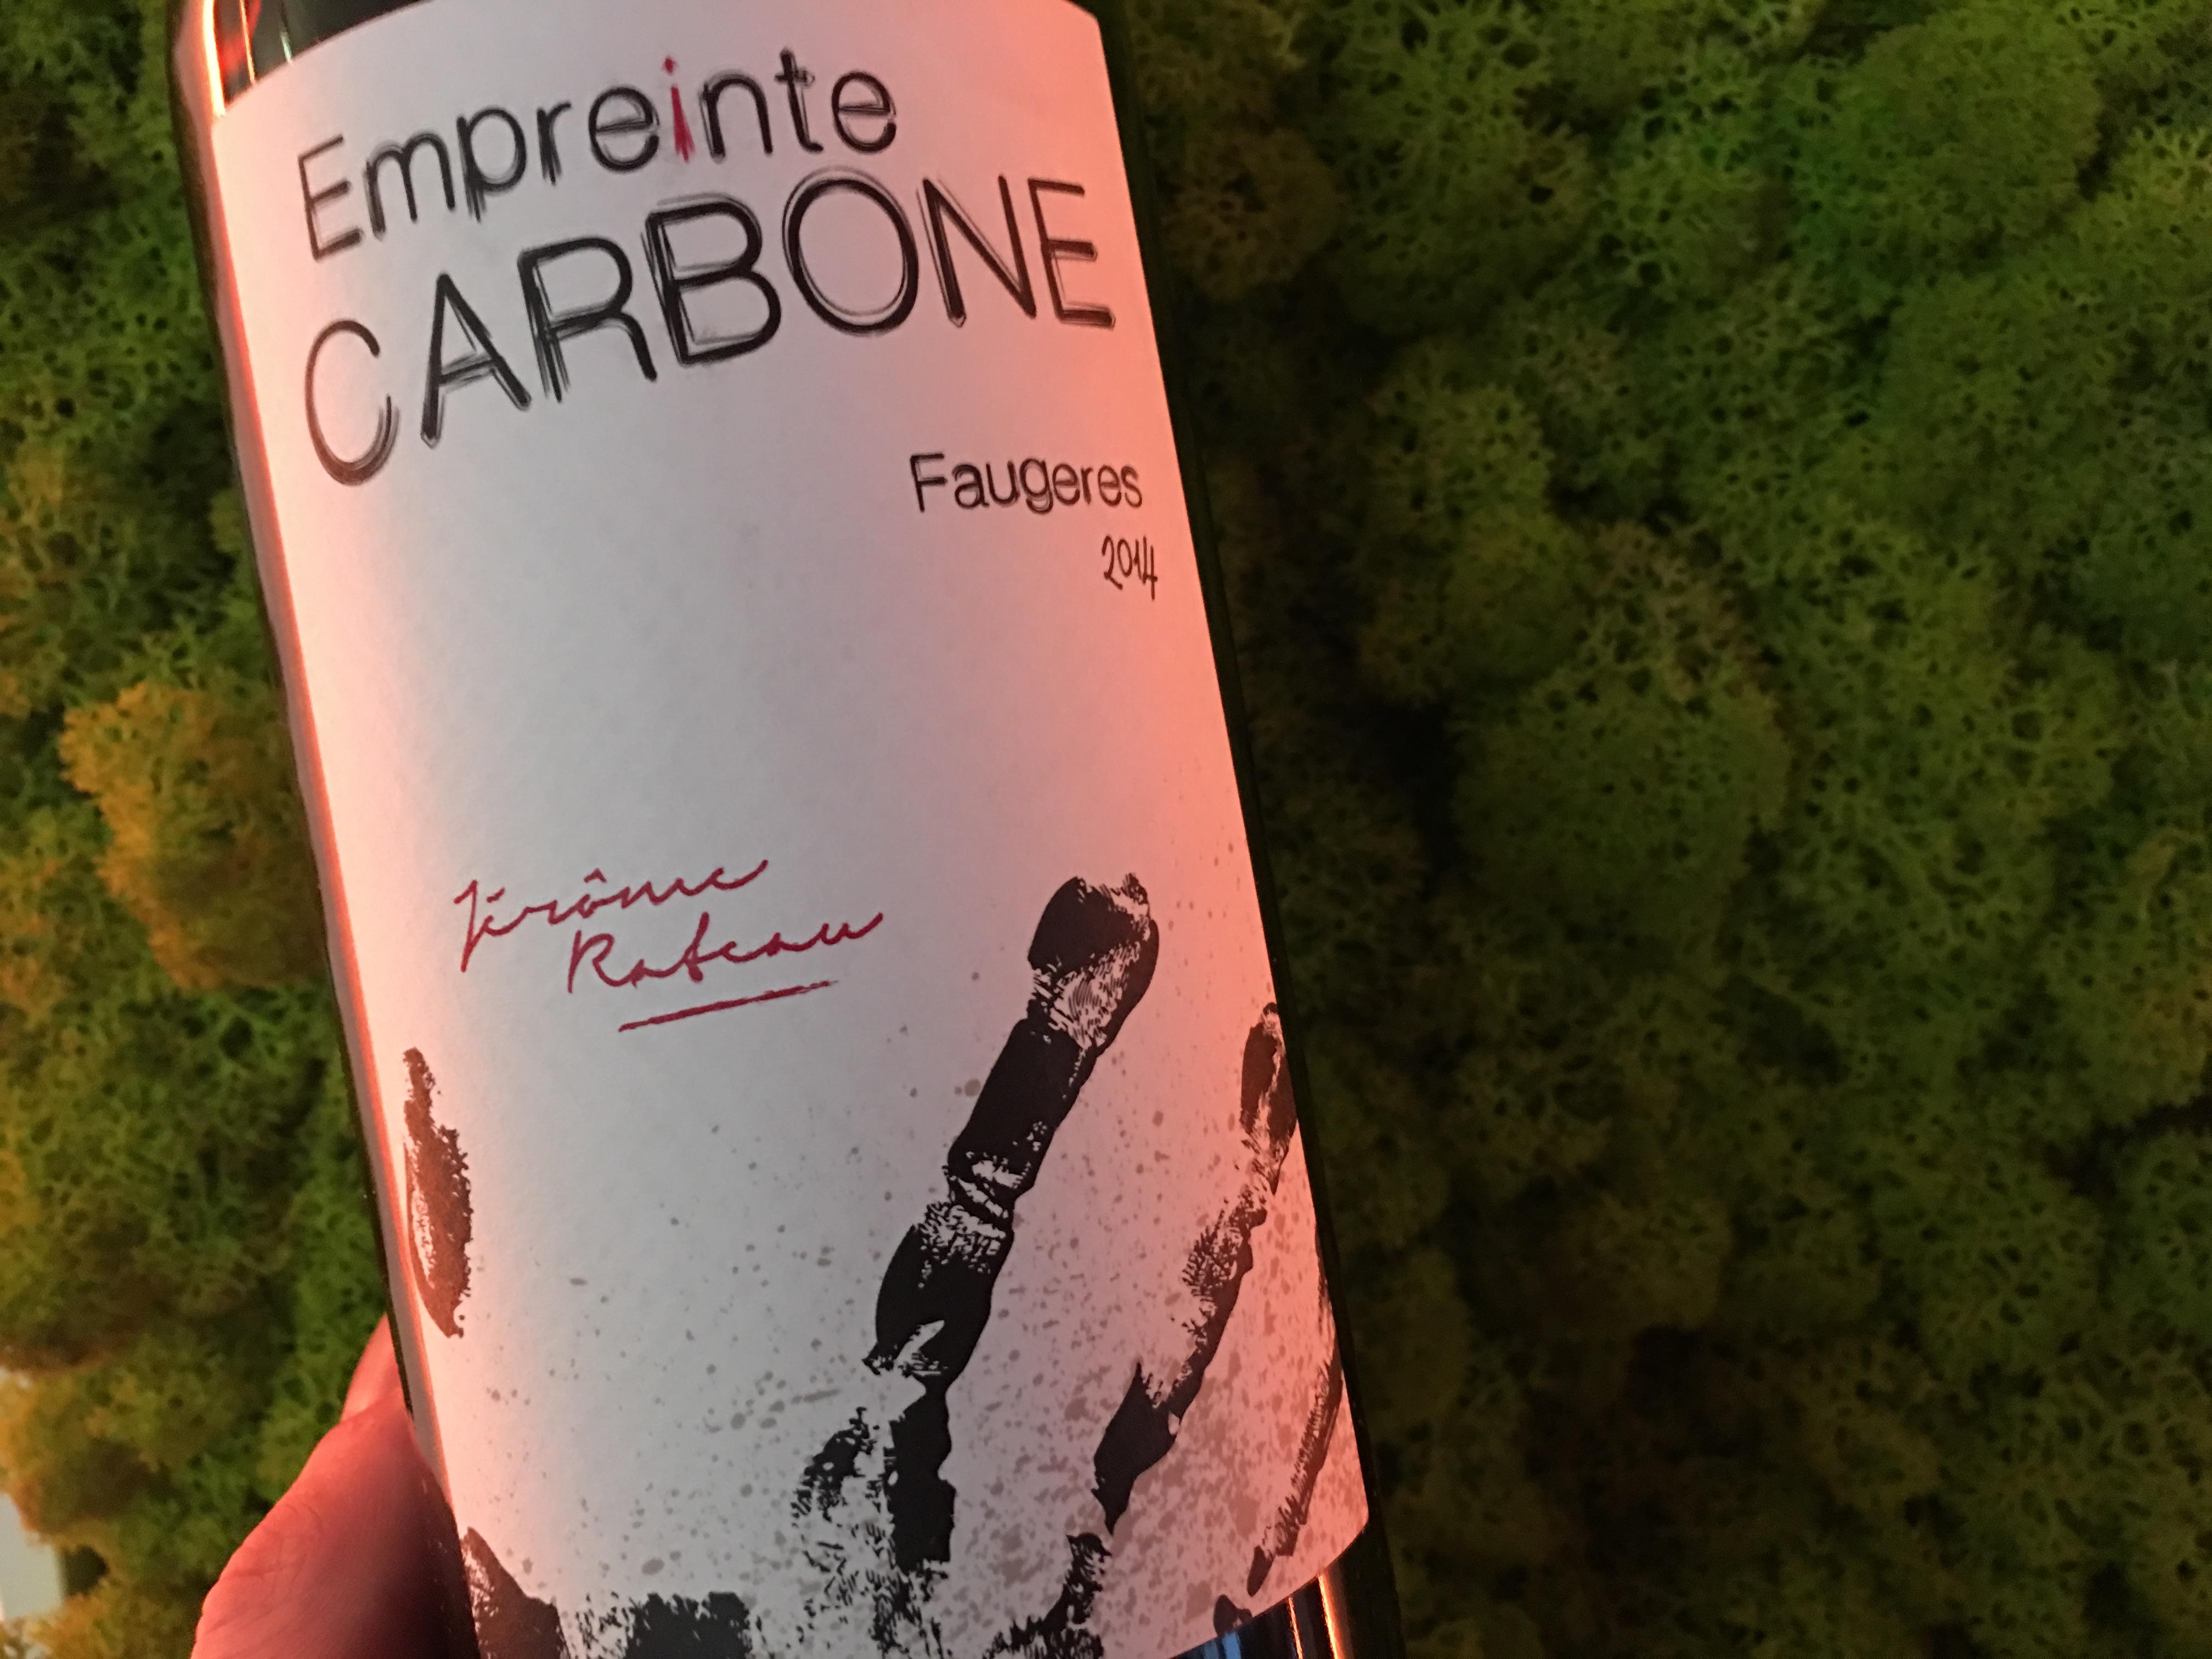 vin empreinte carbone